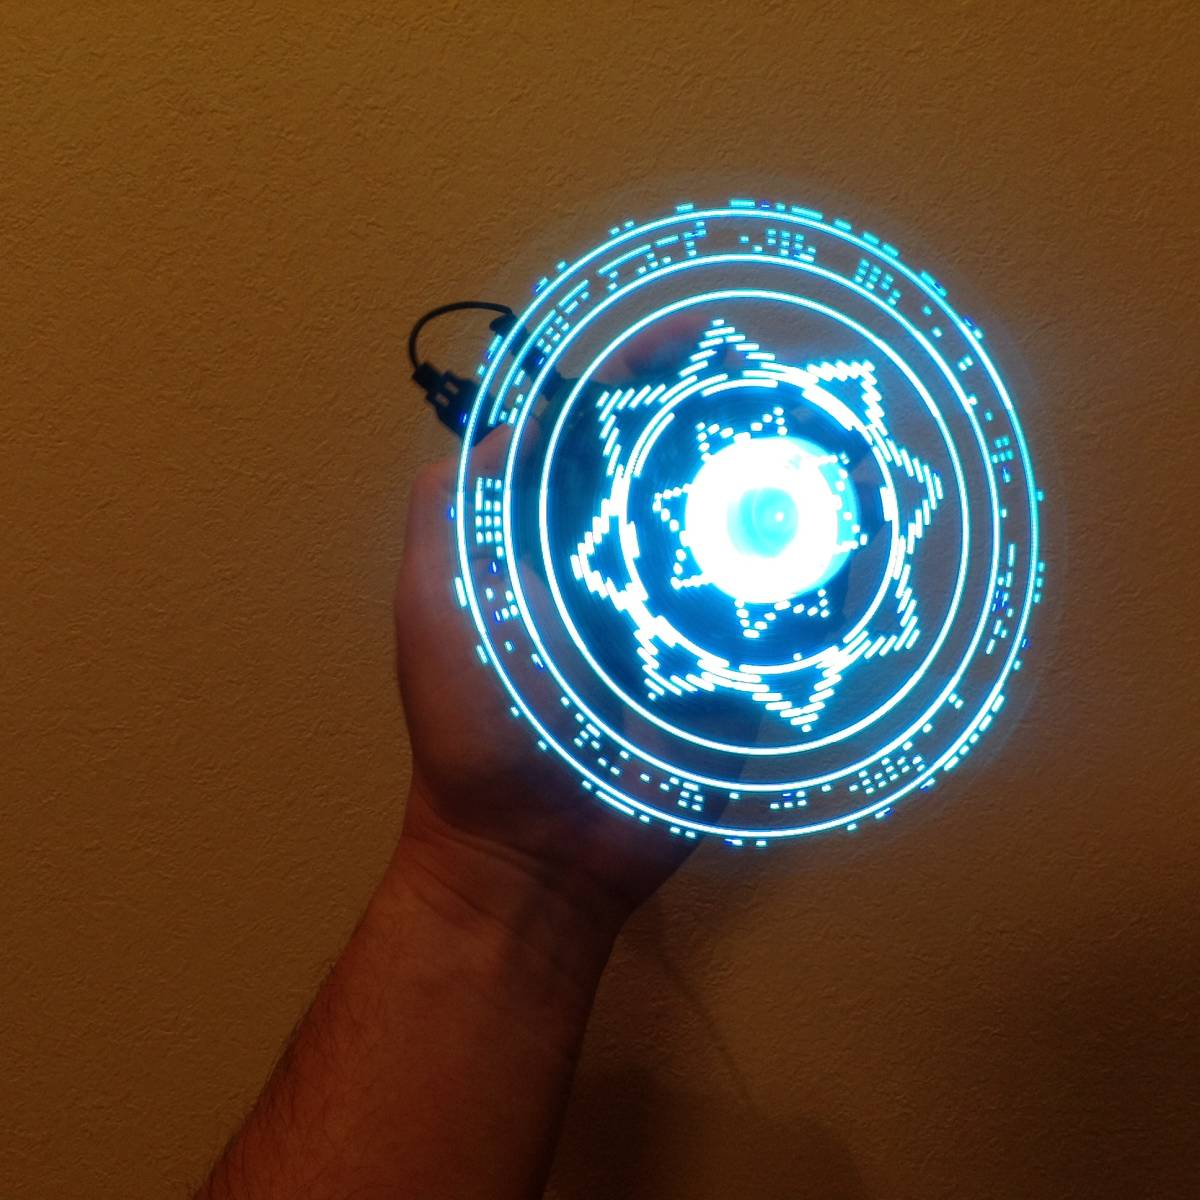 魔法陣を機械的に発現させる魔導装置 作製キット アベンジャーズ ドクターストレンジ コスプレ Bluetooth バーサライタ_画像2